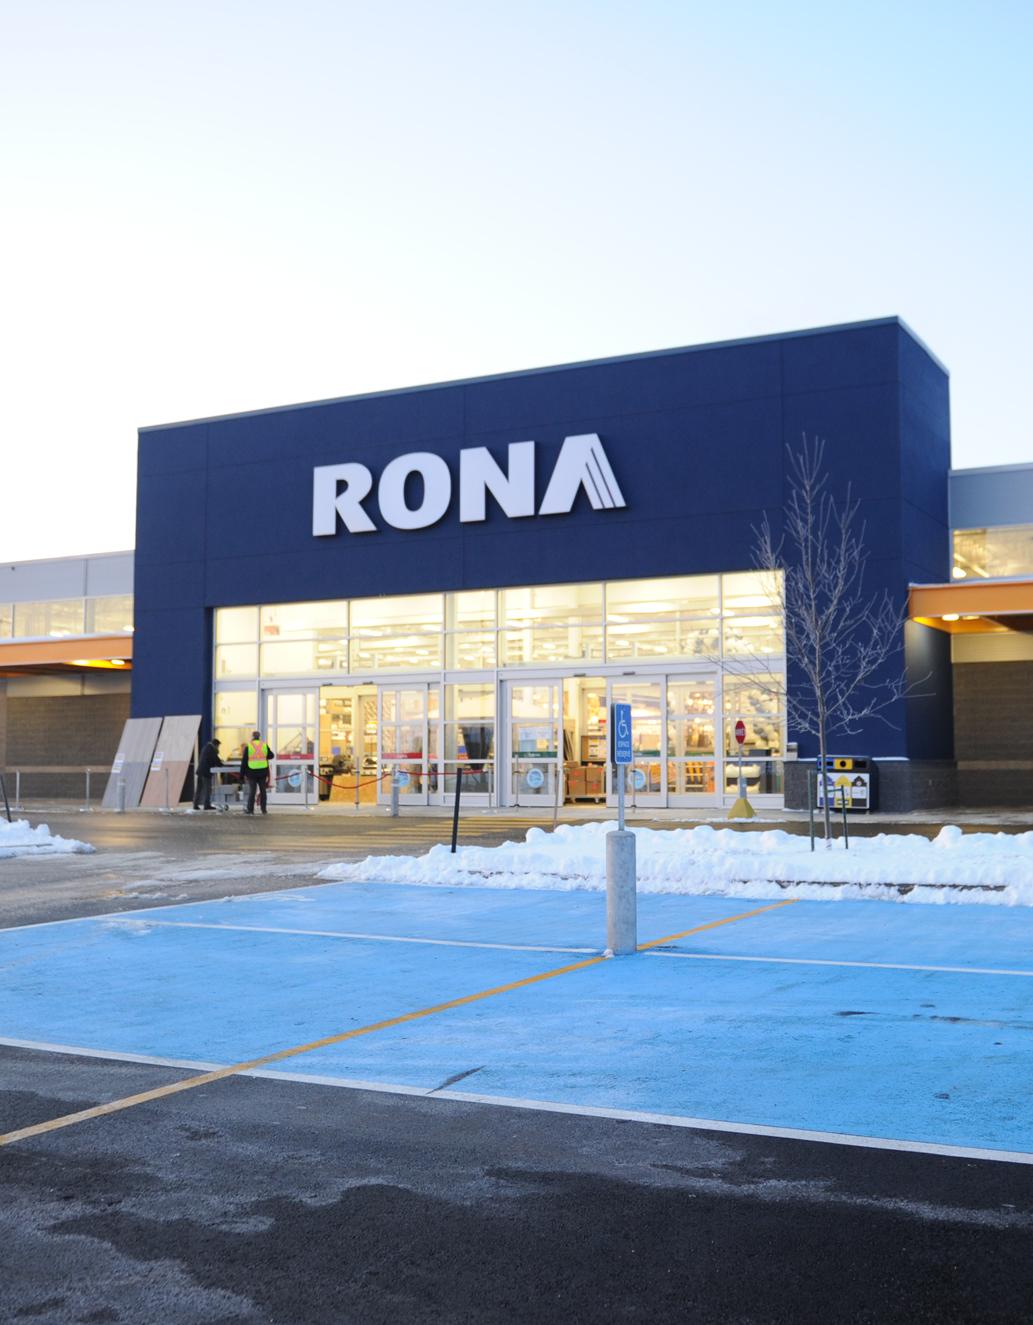 RONA_691988935